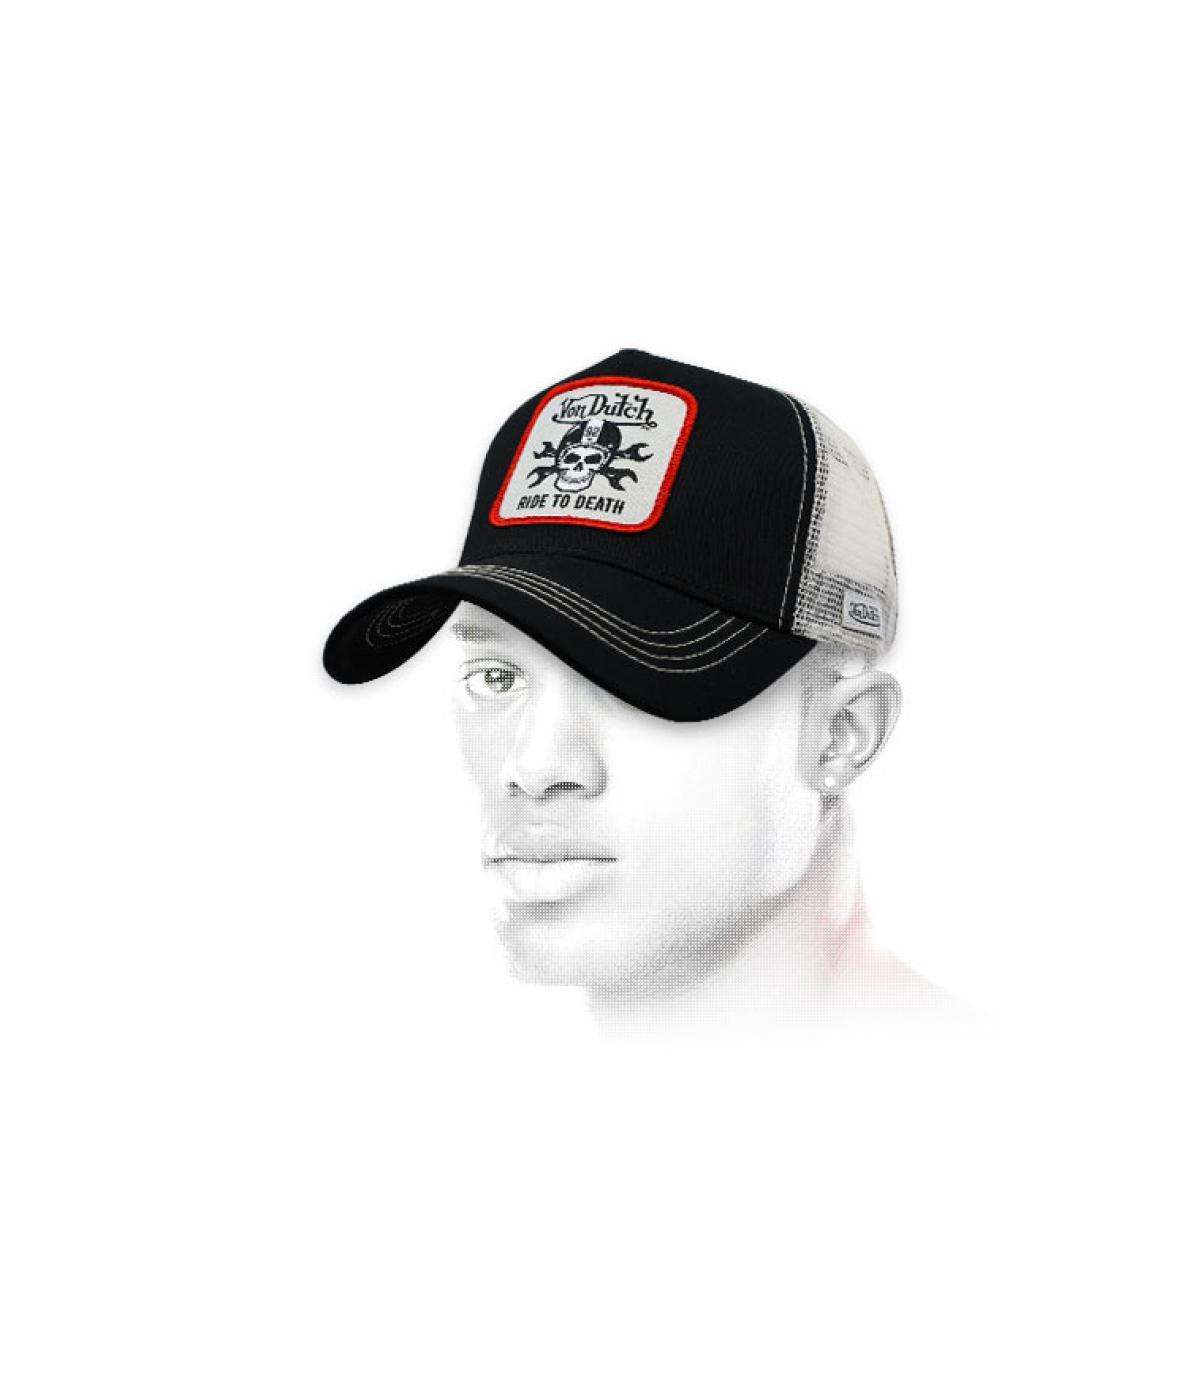 la testa della morte del trucker Von Dutch